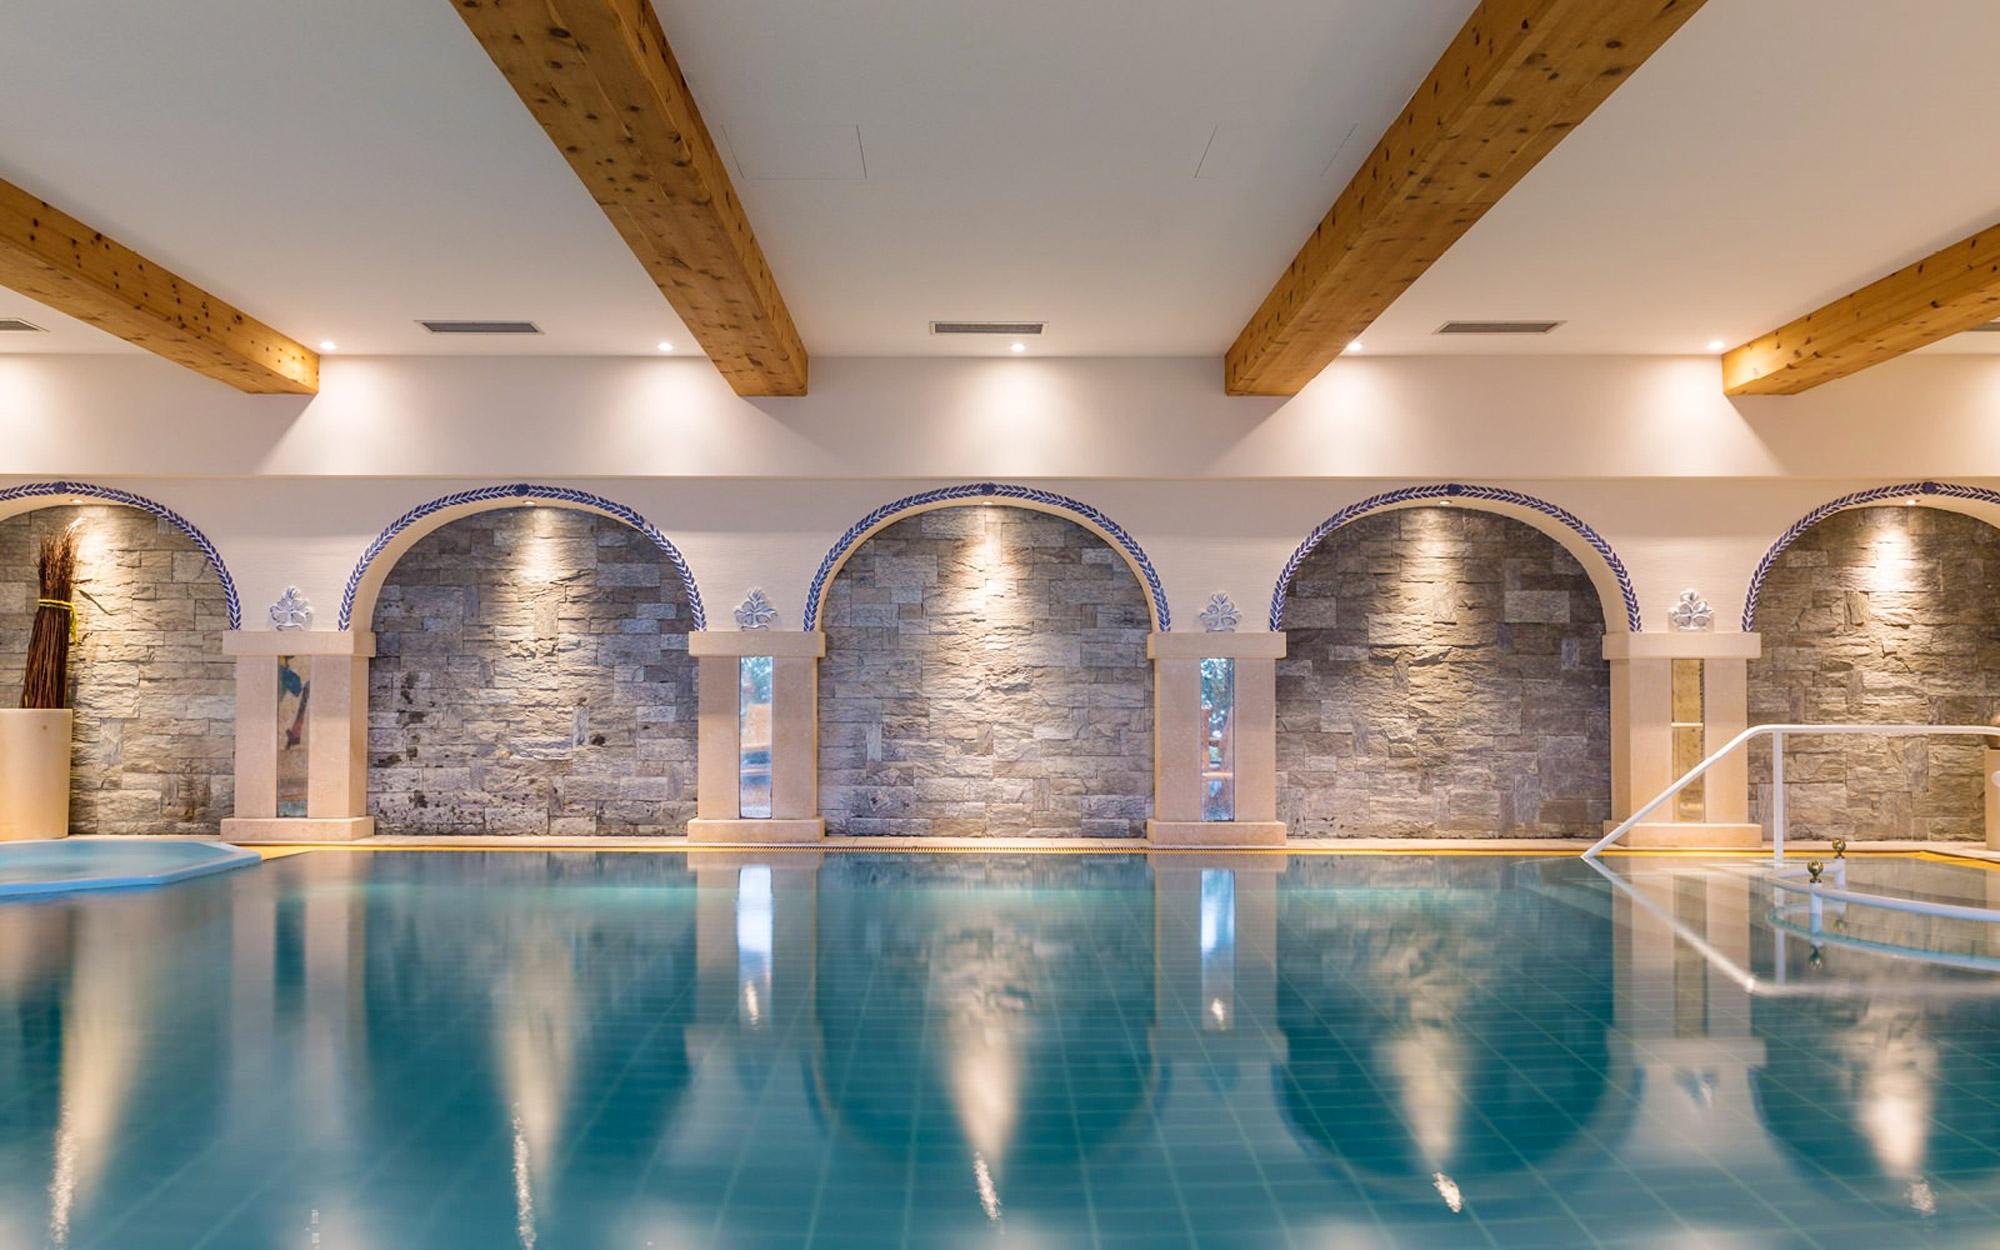 Magnifique spa intérieur pour moment de relaxation garanti.